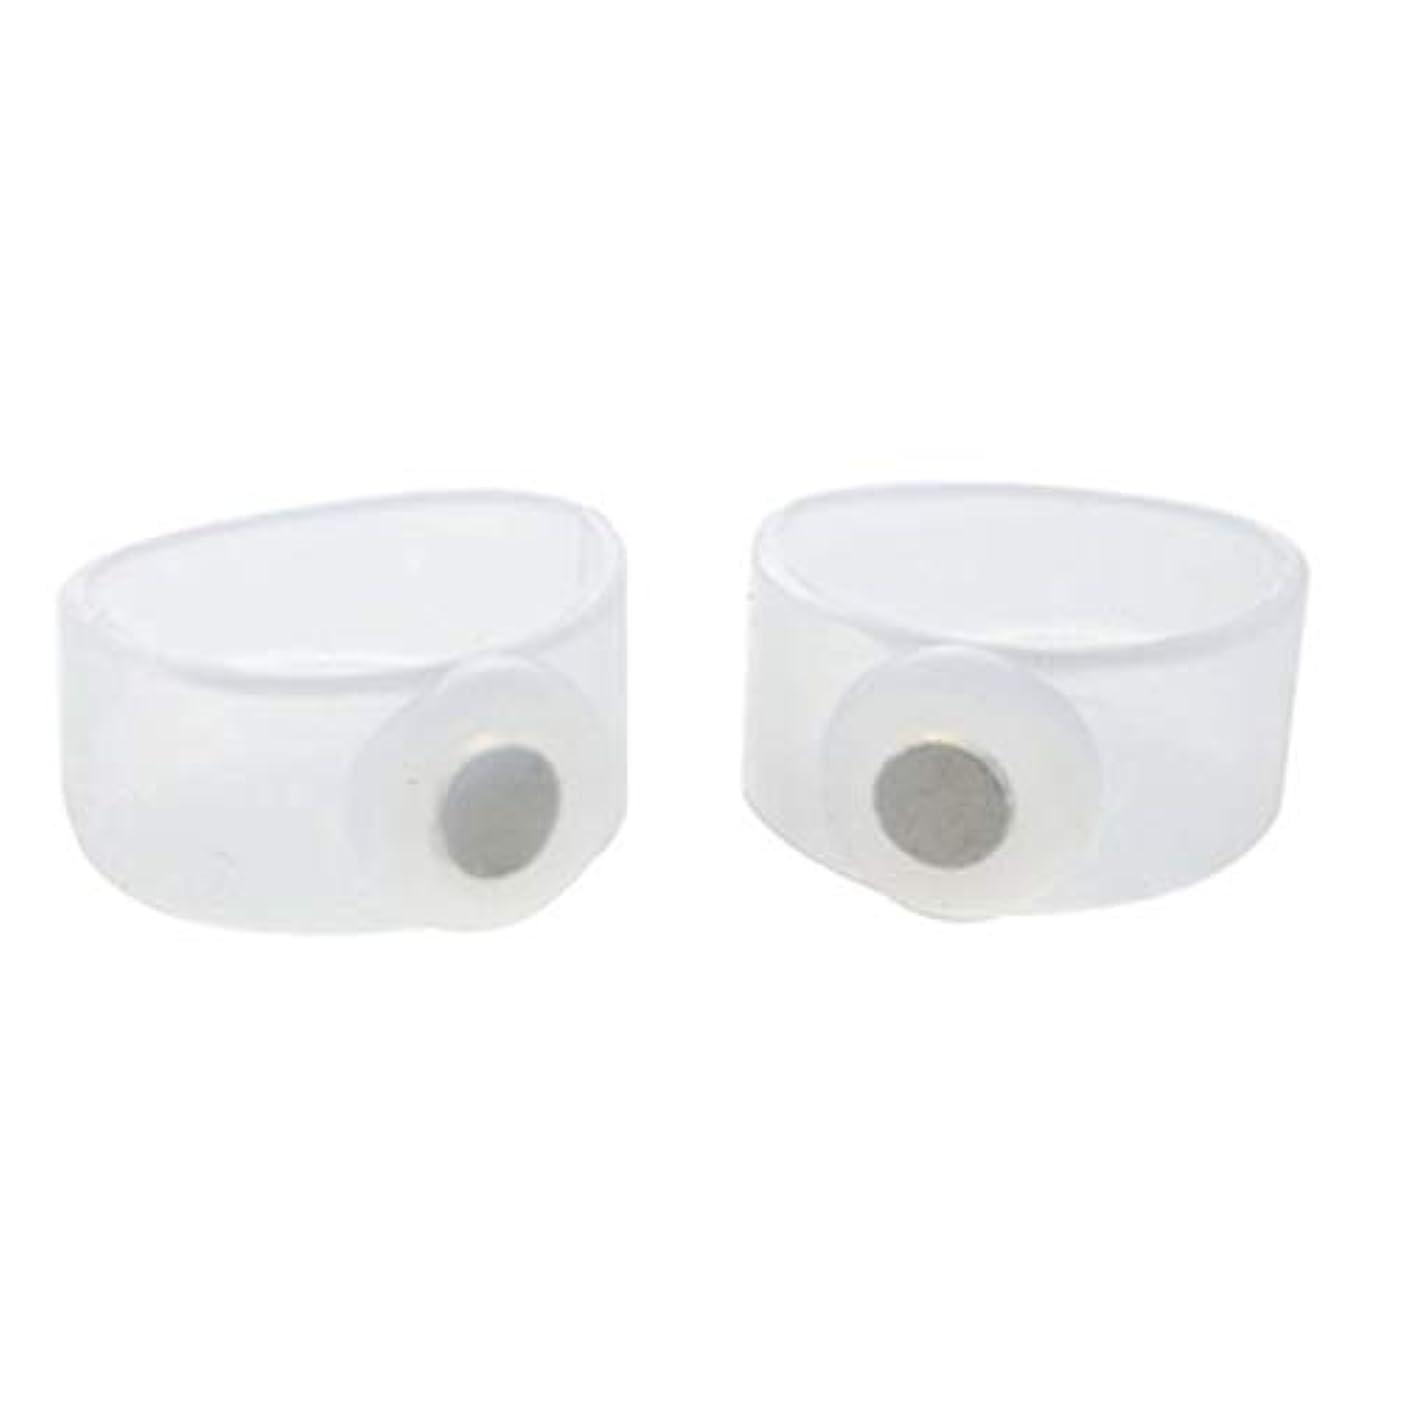 沈黙作りウェイター2ピースSlim身シリコン磁気フットマッサージャーマッサージリラックストーリング減量ヘルスケアツール美容製品-透明